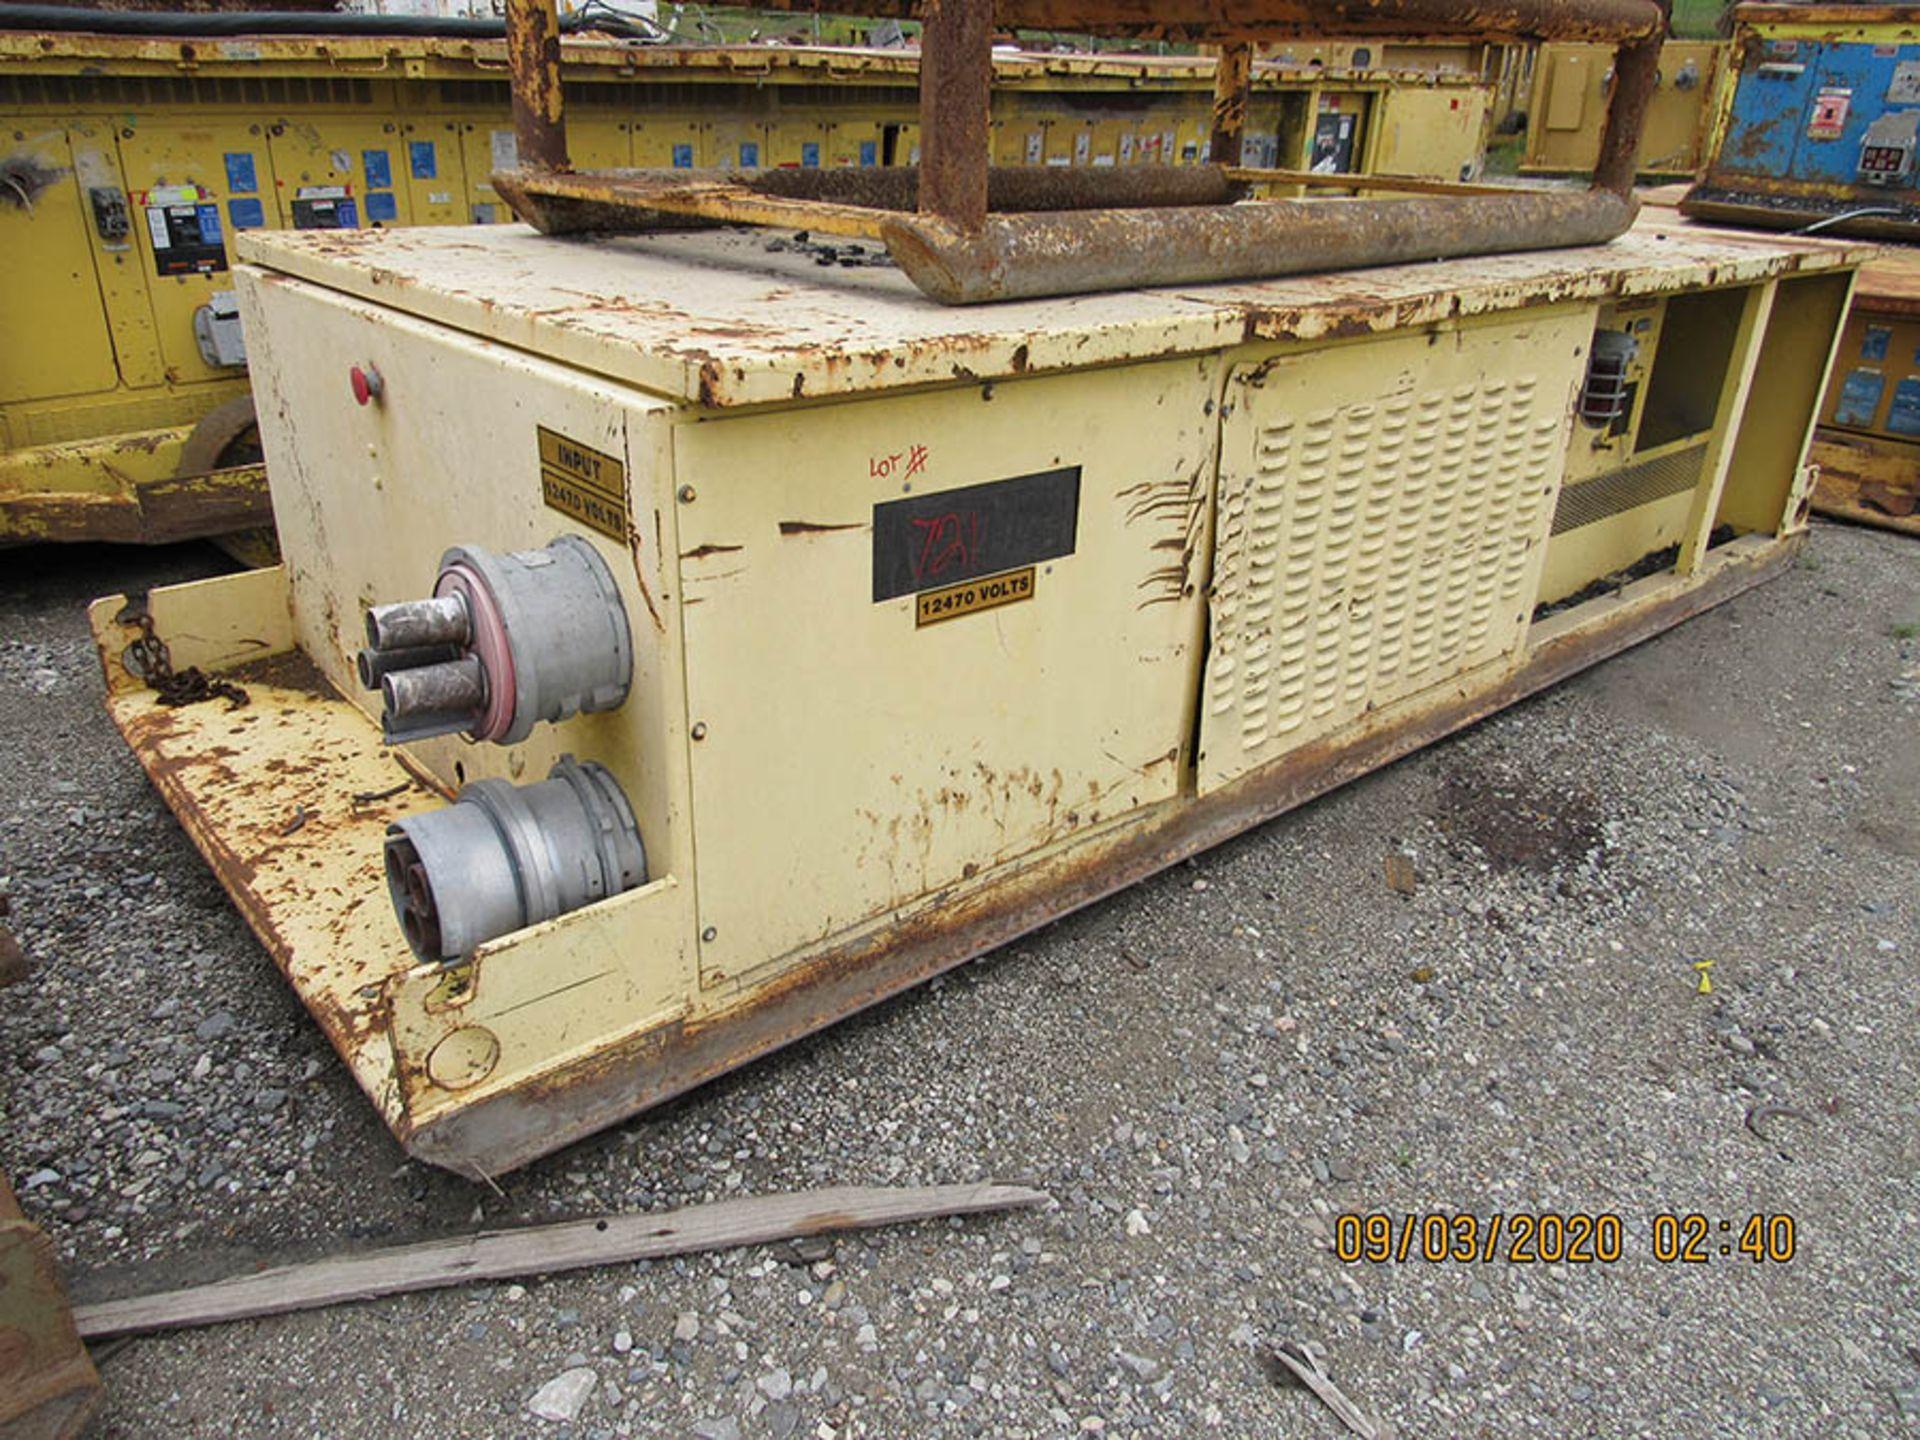 Lot 721 - POWER CENTER 12470V INPUT 110-480V OUTPUT